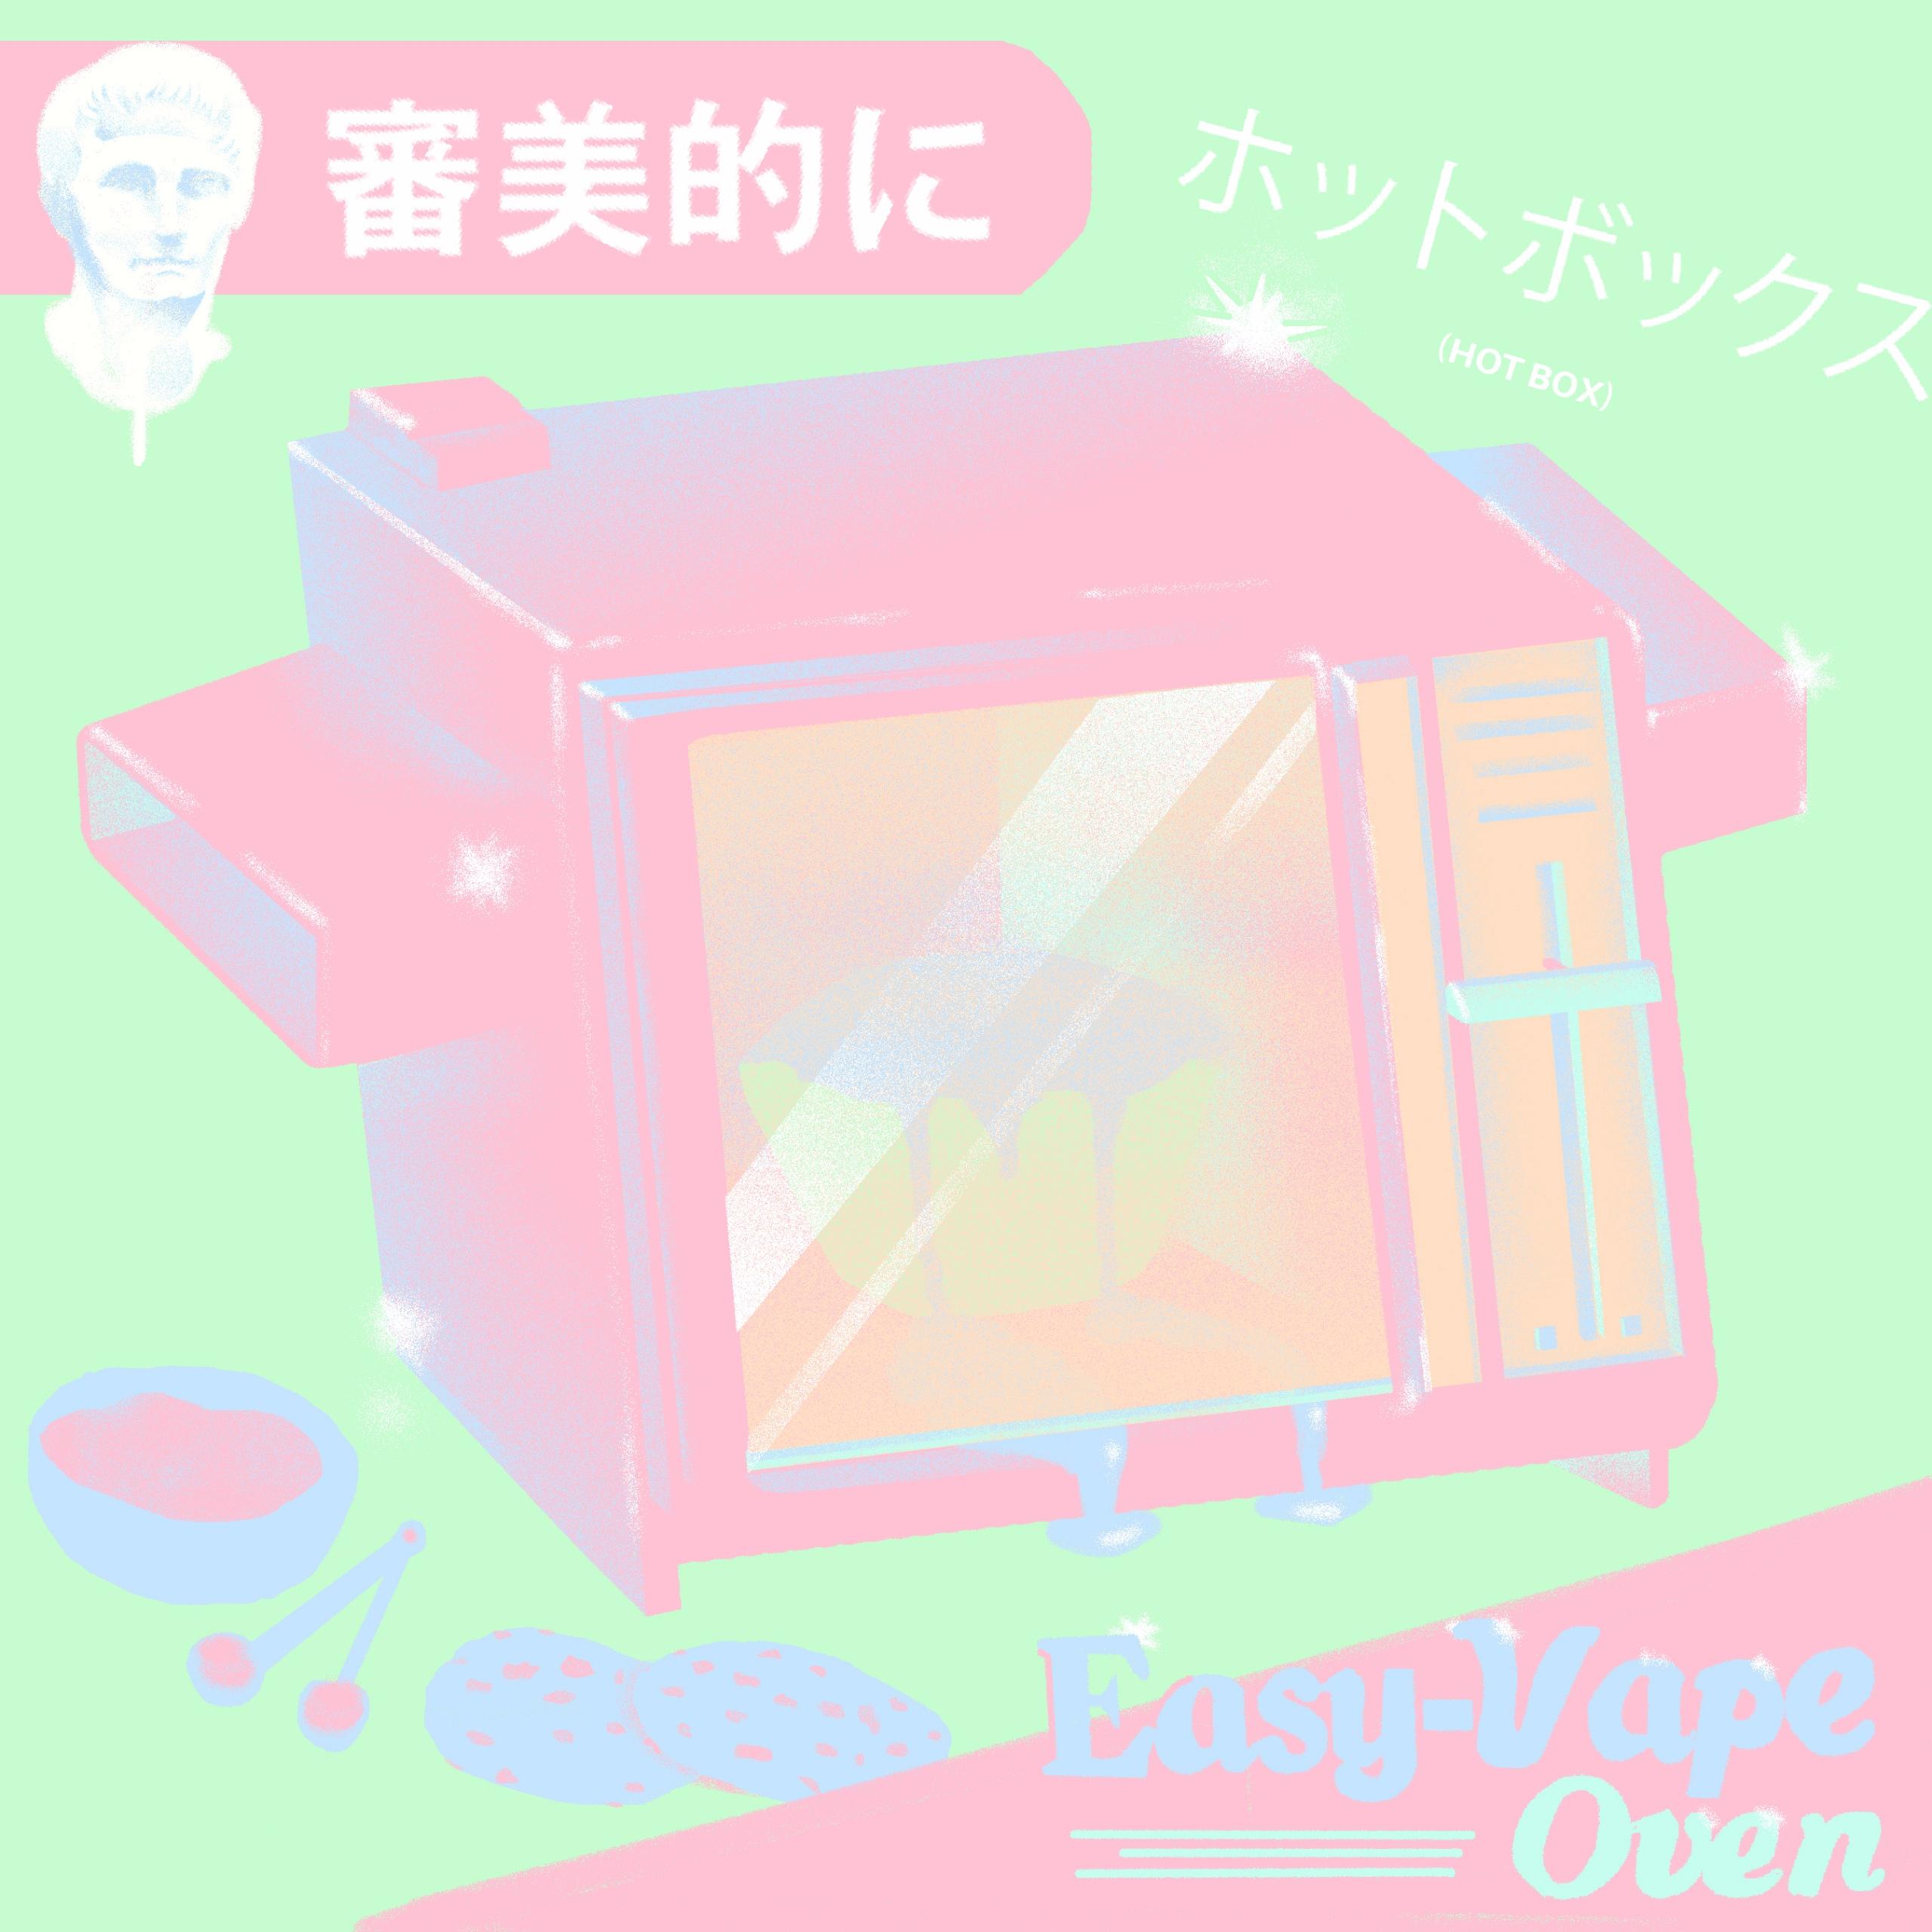 Easy Vape Oven - illustration, illustrator - richchane   ello